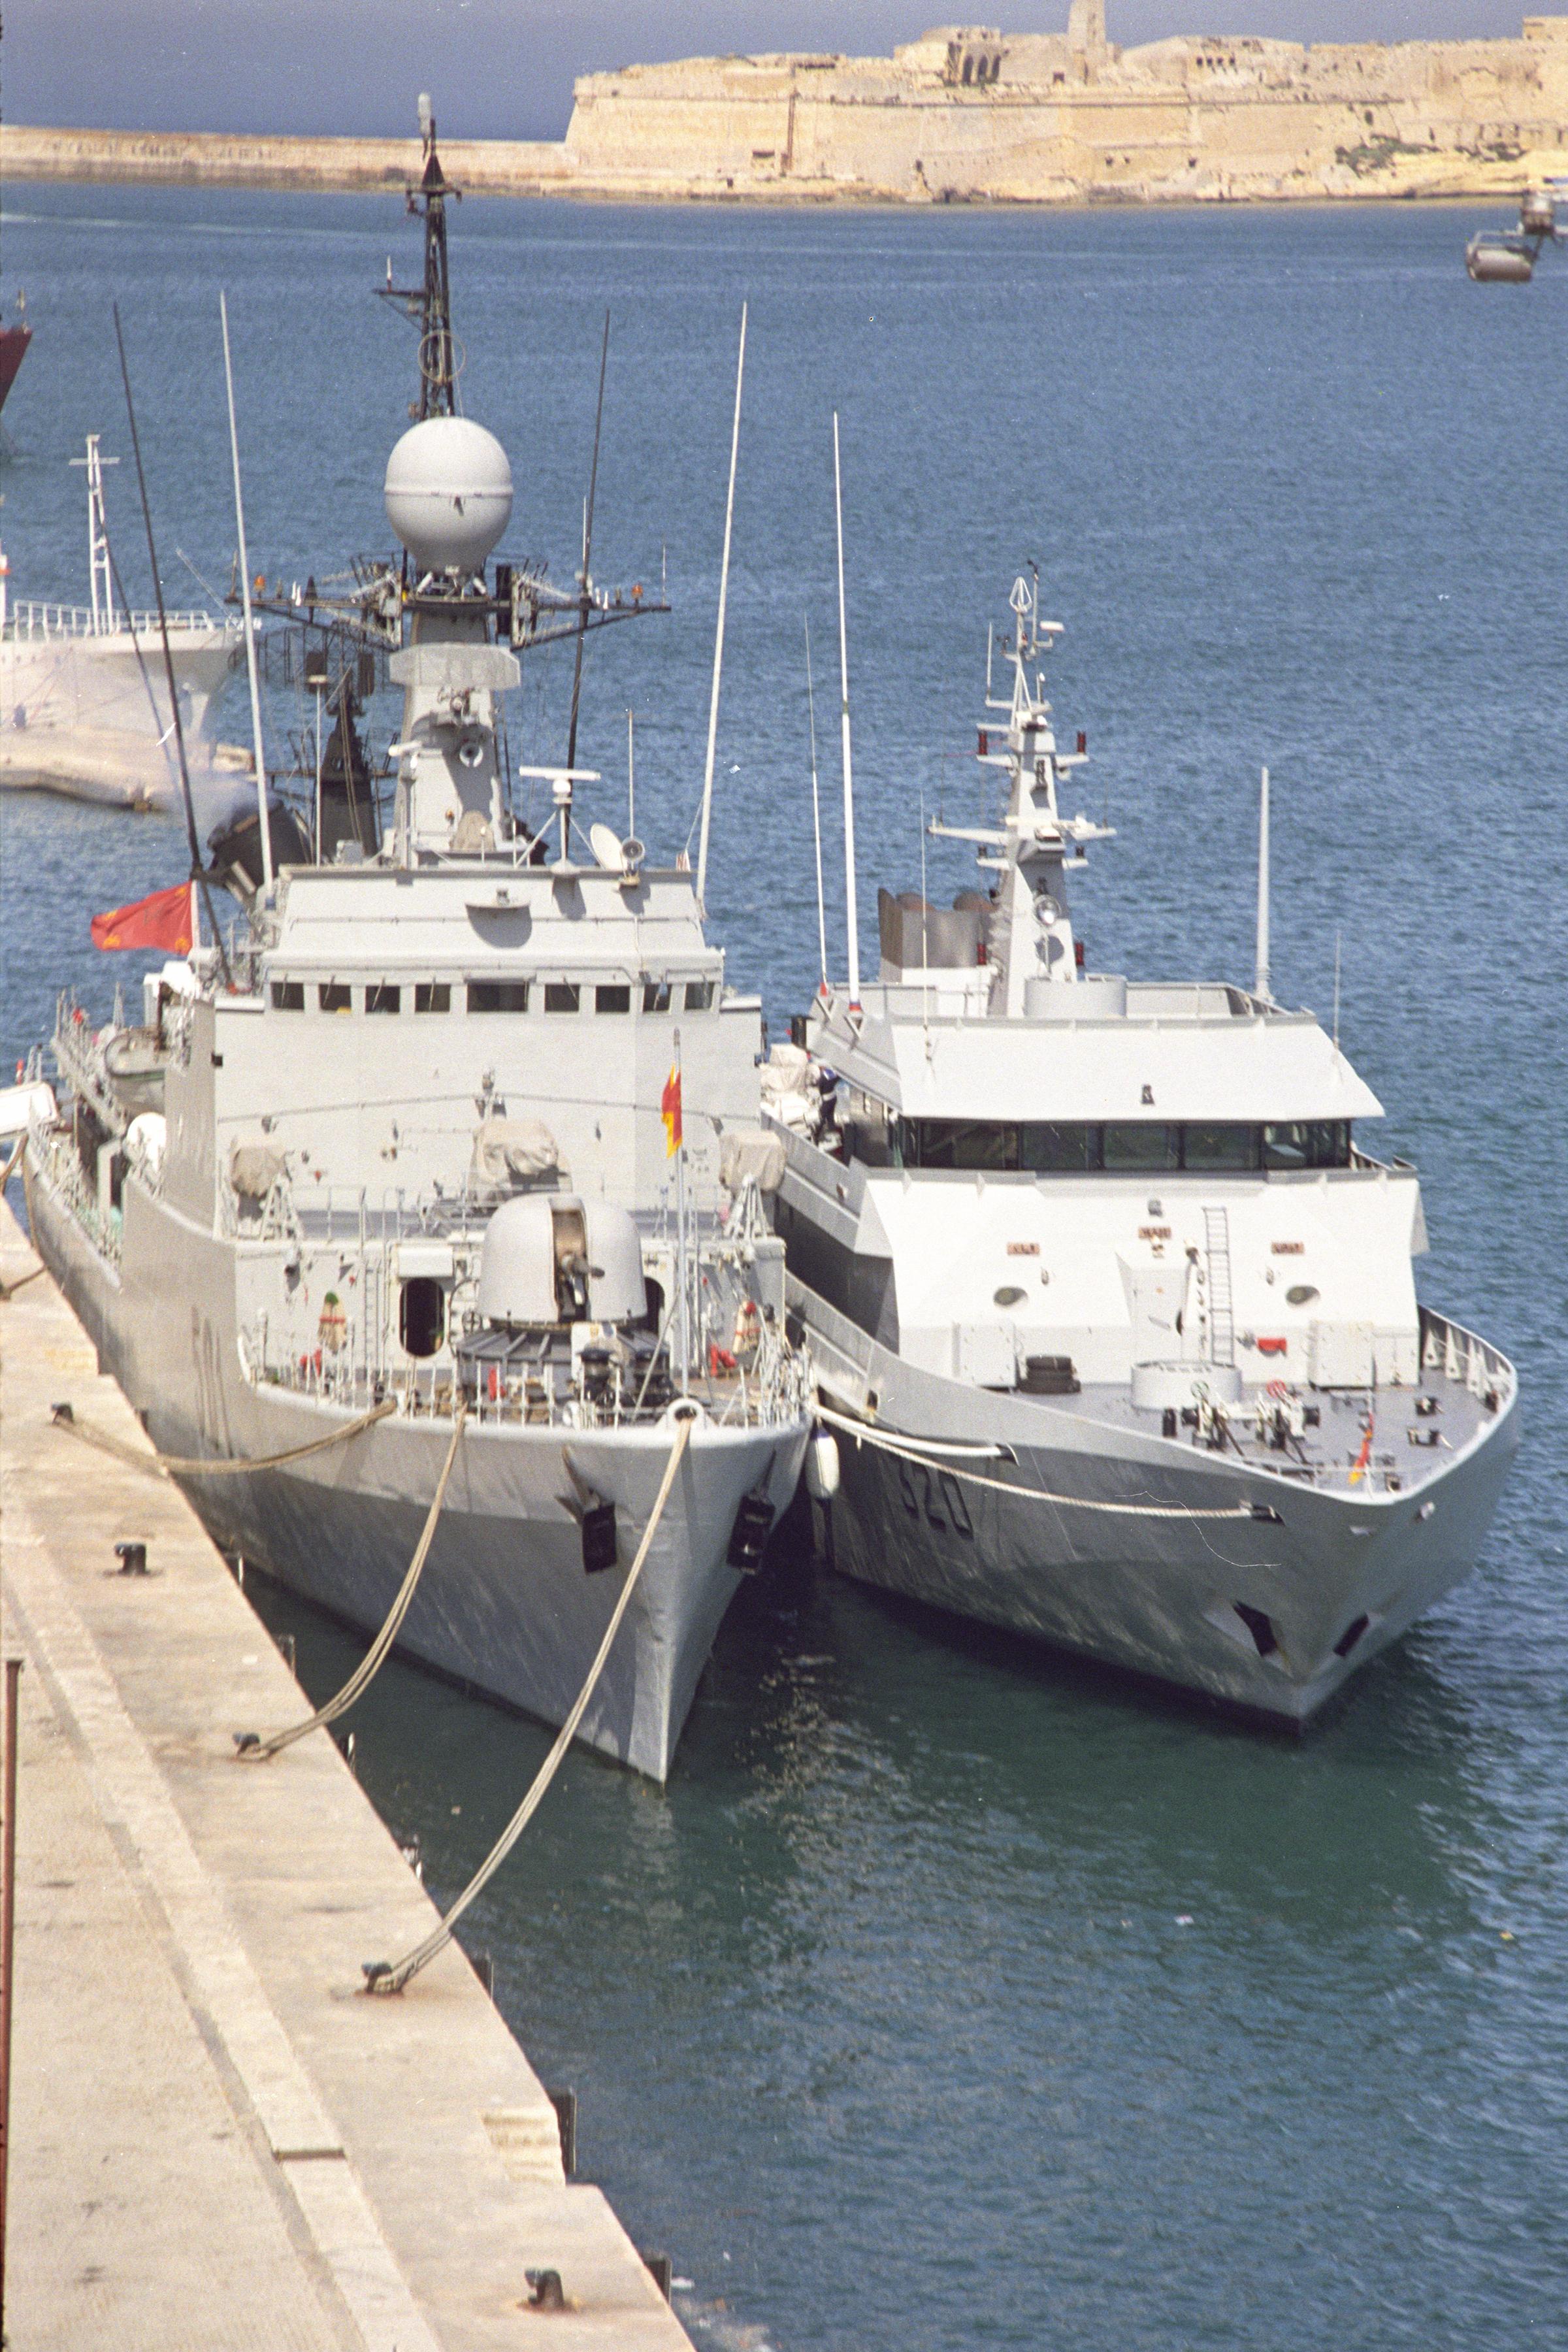 Royal Moroccan Navy Descubierta Frigate / Patrouilleur Océanique Lt Cl Errahmani - Bâtiment École - Page 3 24954389246_44912a3b1b_o